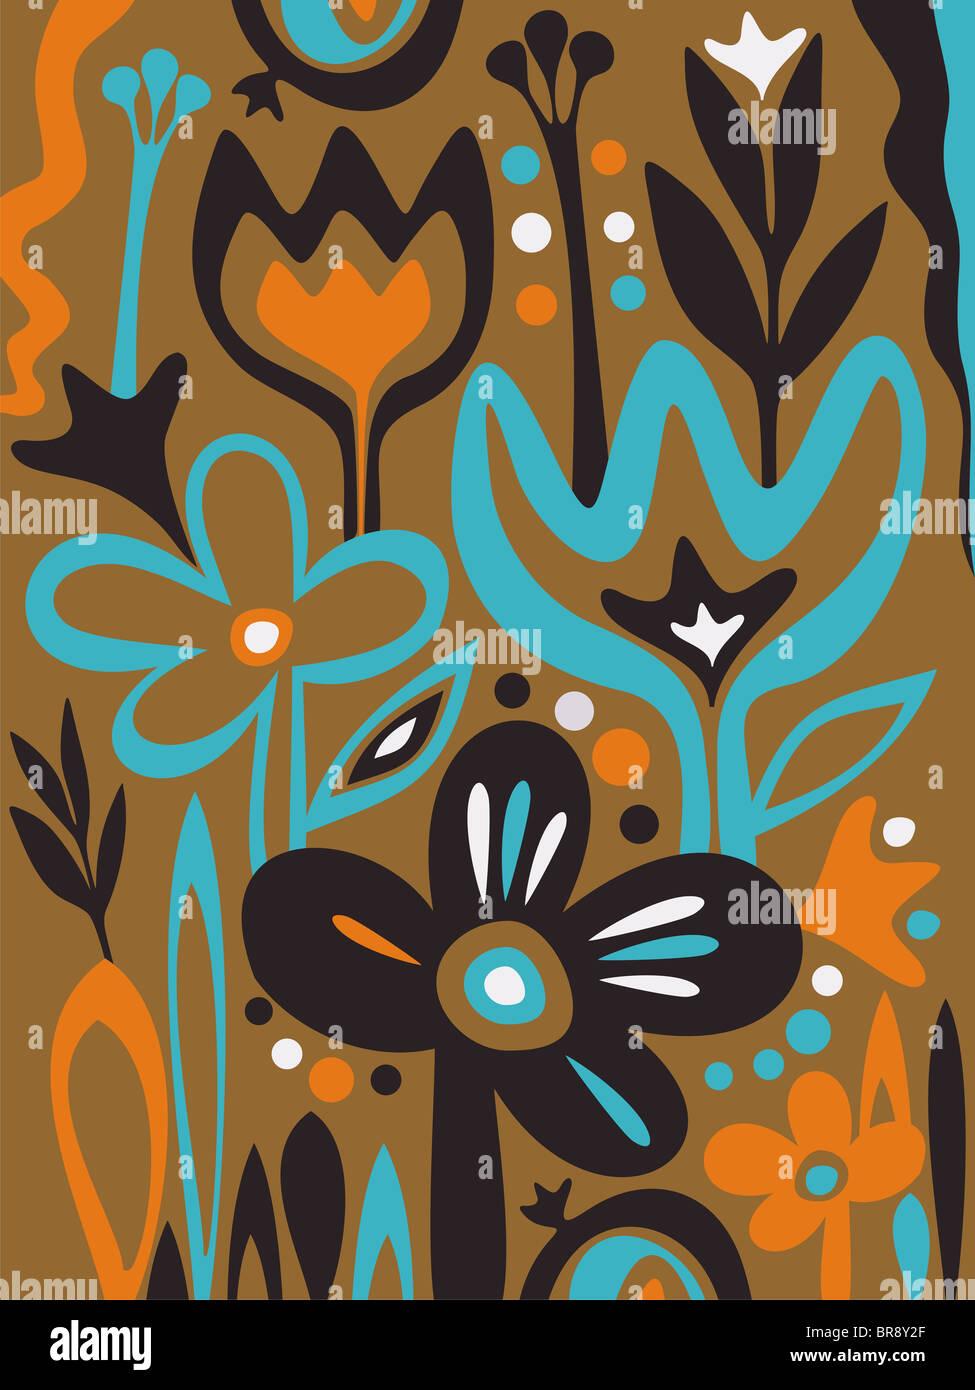 Une illustration fantaisiste de fleurs sauvages Photo Stock